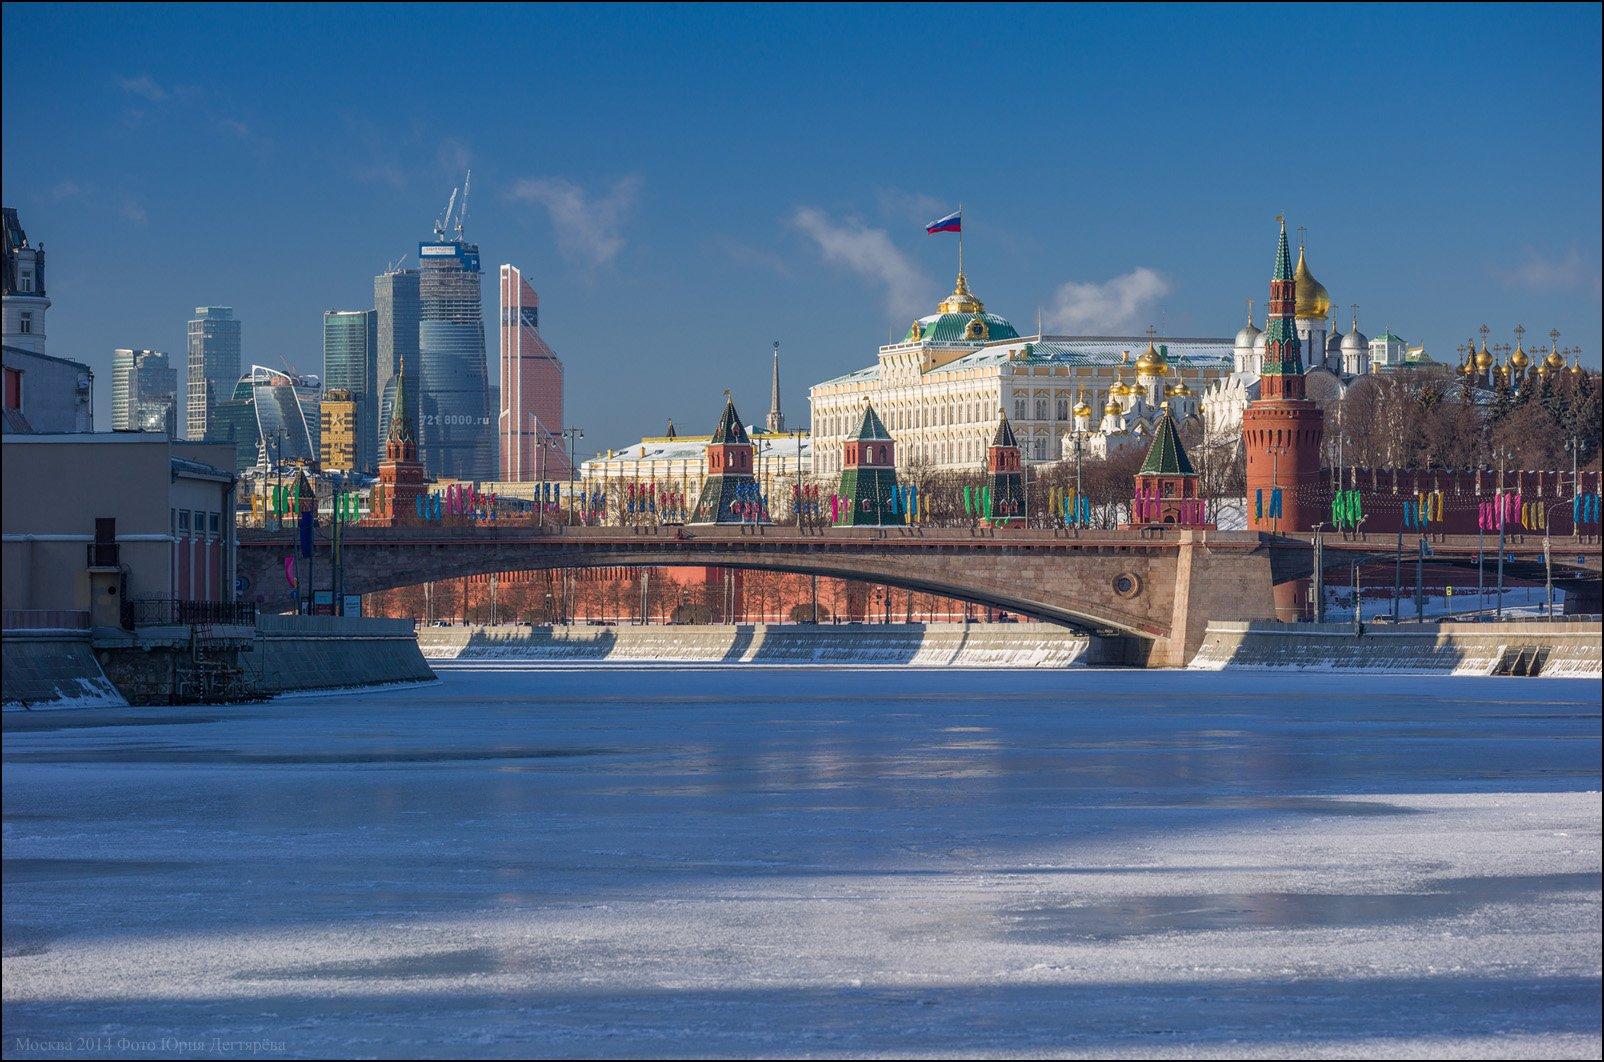 Зима, Кремль, Мороз, Москва, Река, Россия, Сити, Снег, Флаг, Юрий Дегтярёв